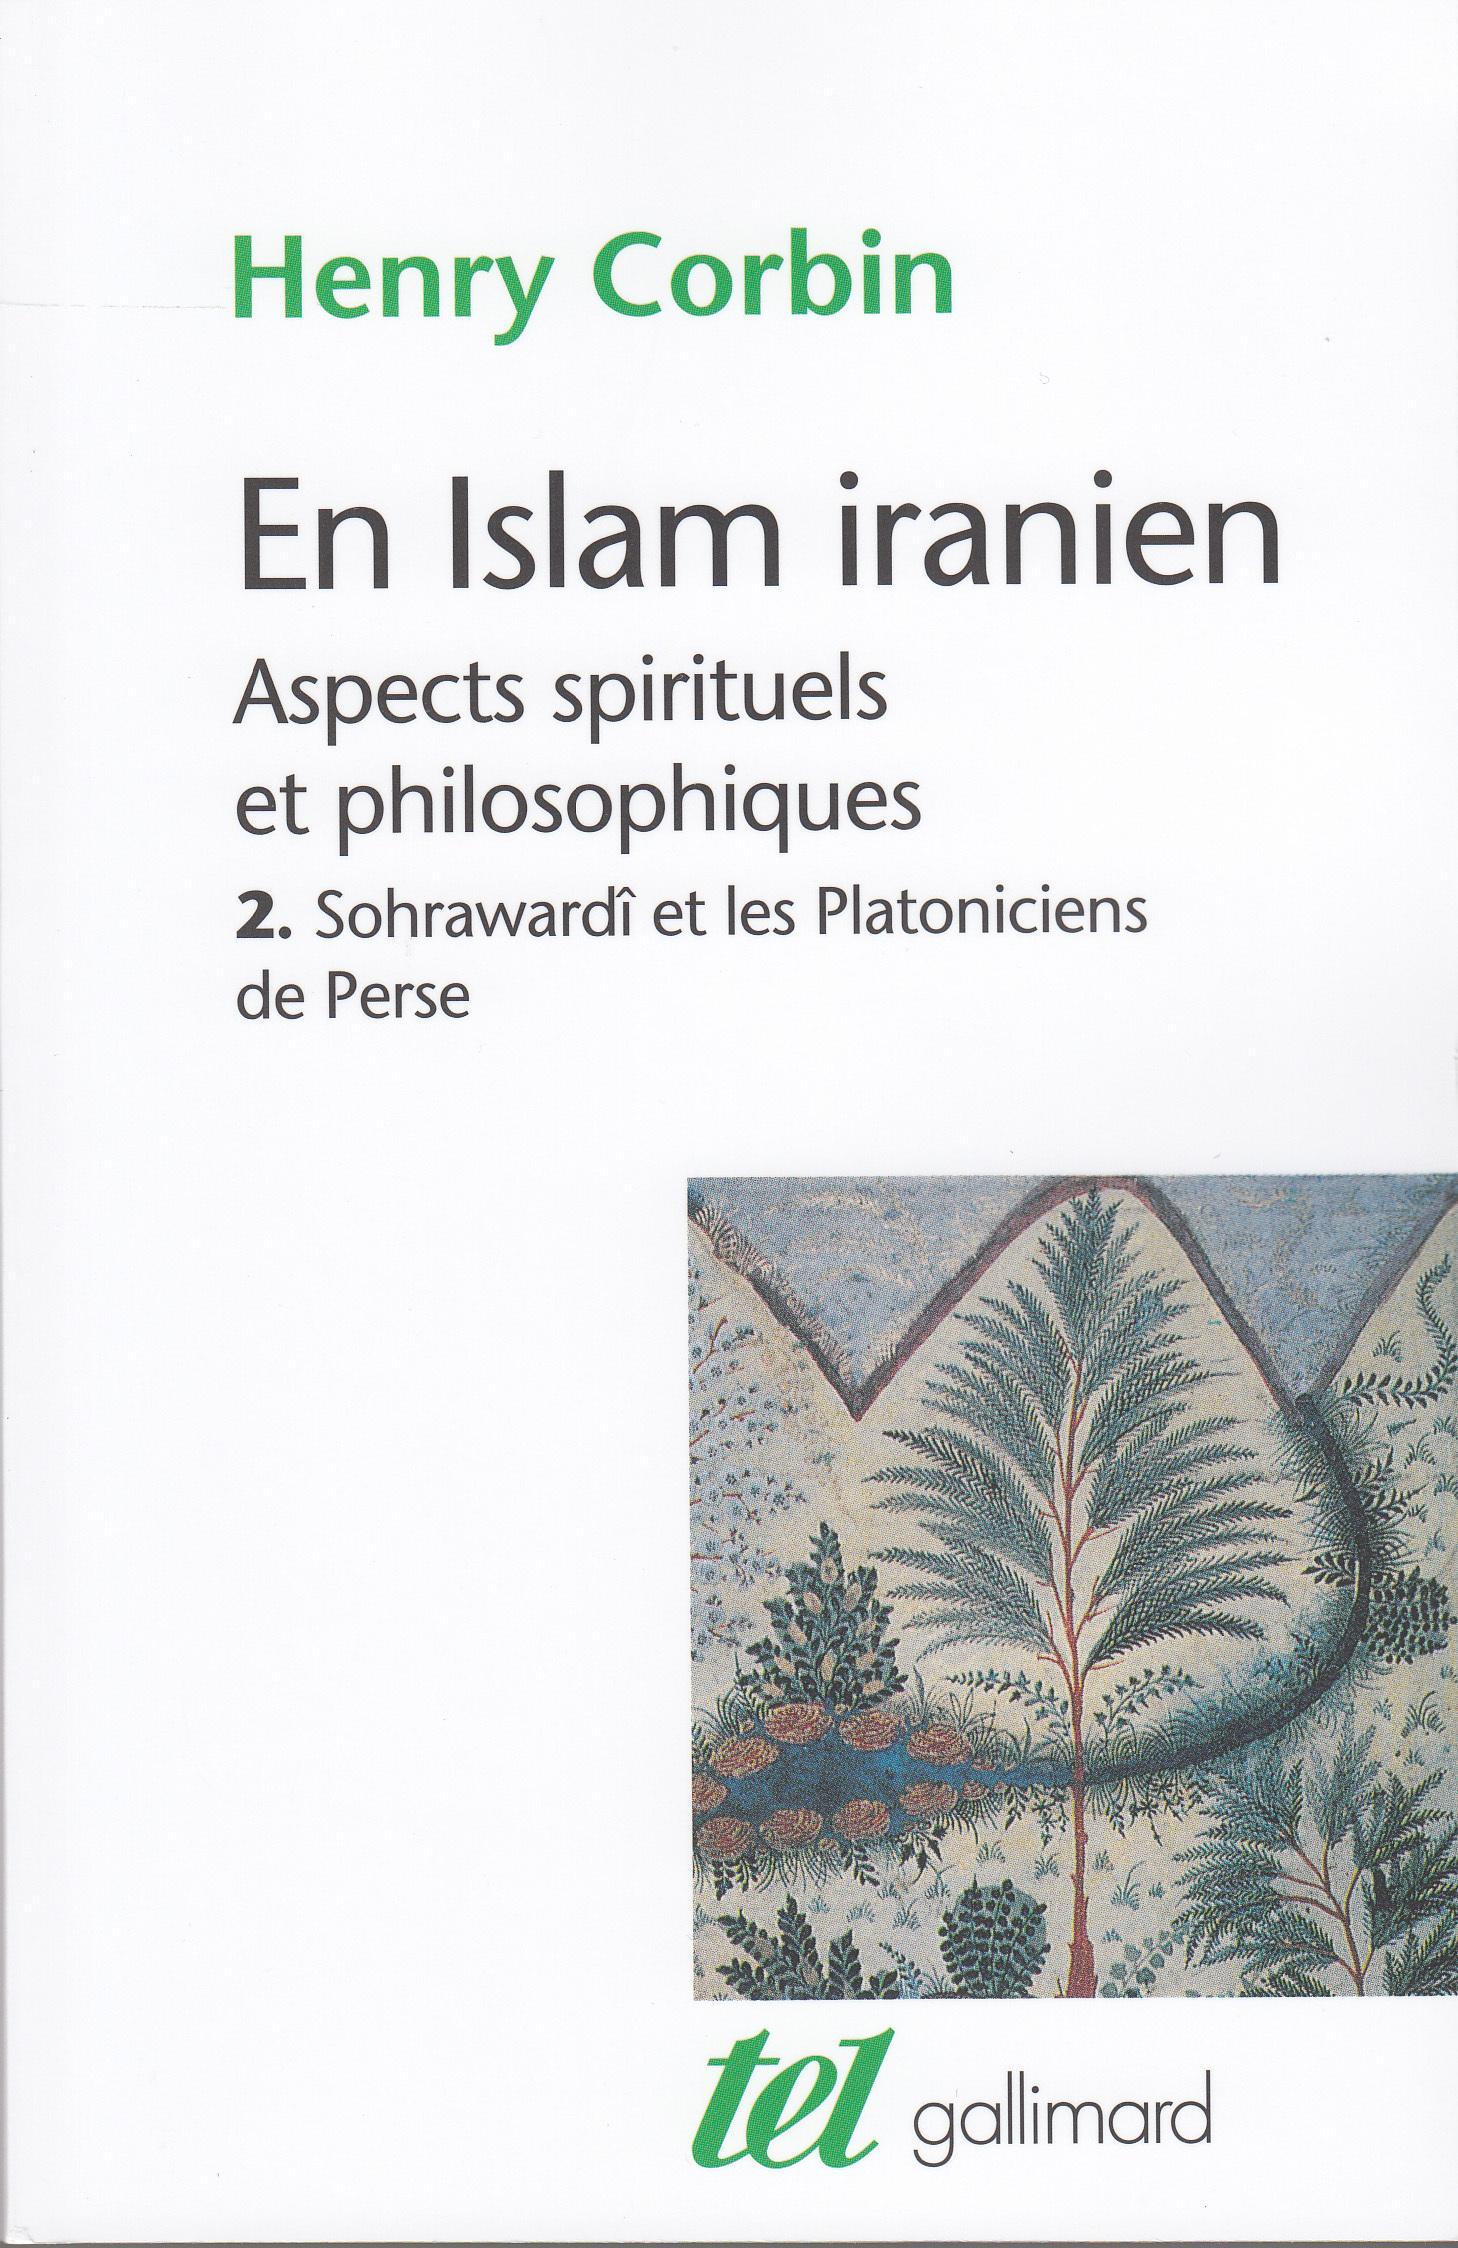 EN ISLAM IRANIEN (TOME 2) - ASPECTS SPIRITUELS ET PHILOSOPHIQUES